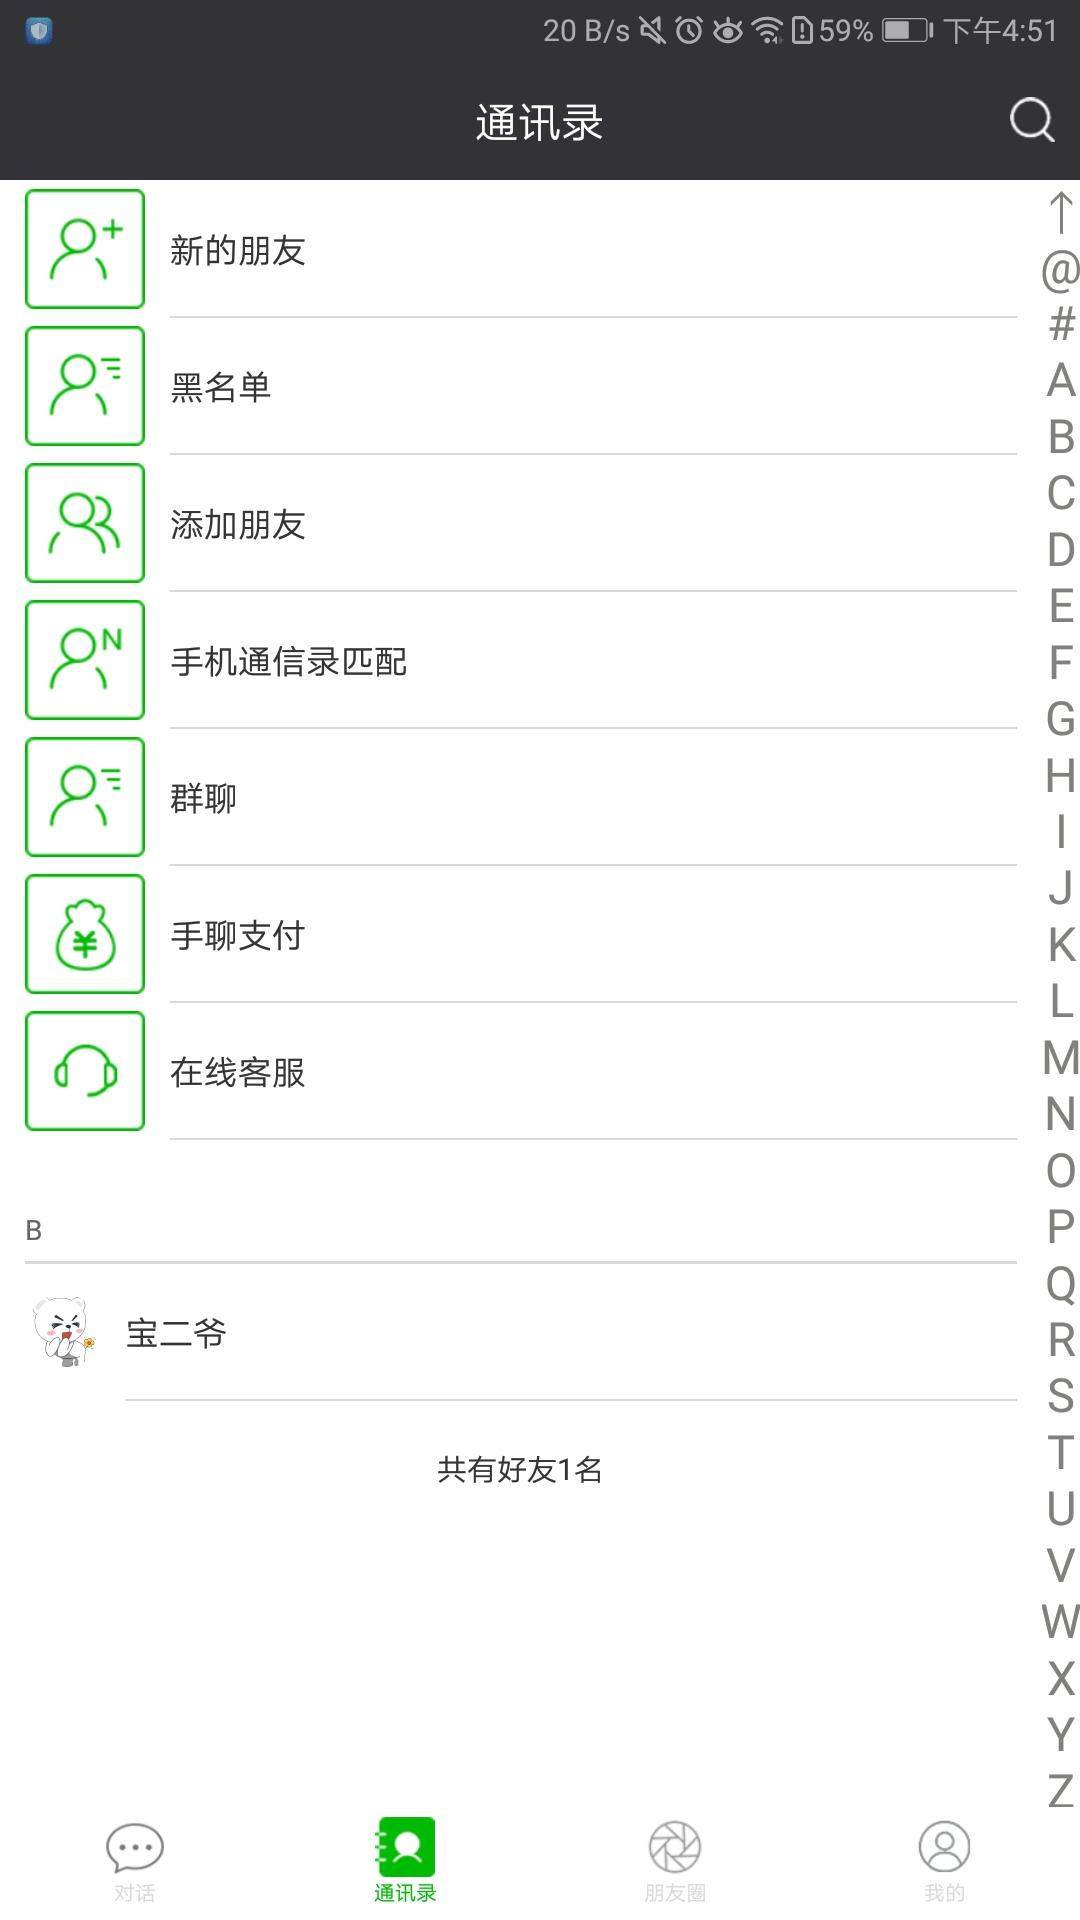 聊天APP | 社交app开发 聊天软件 群聊示例图4